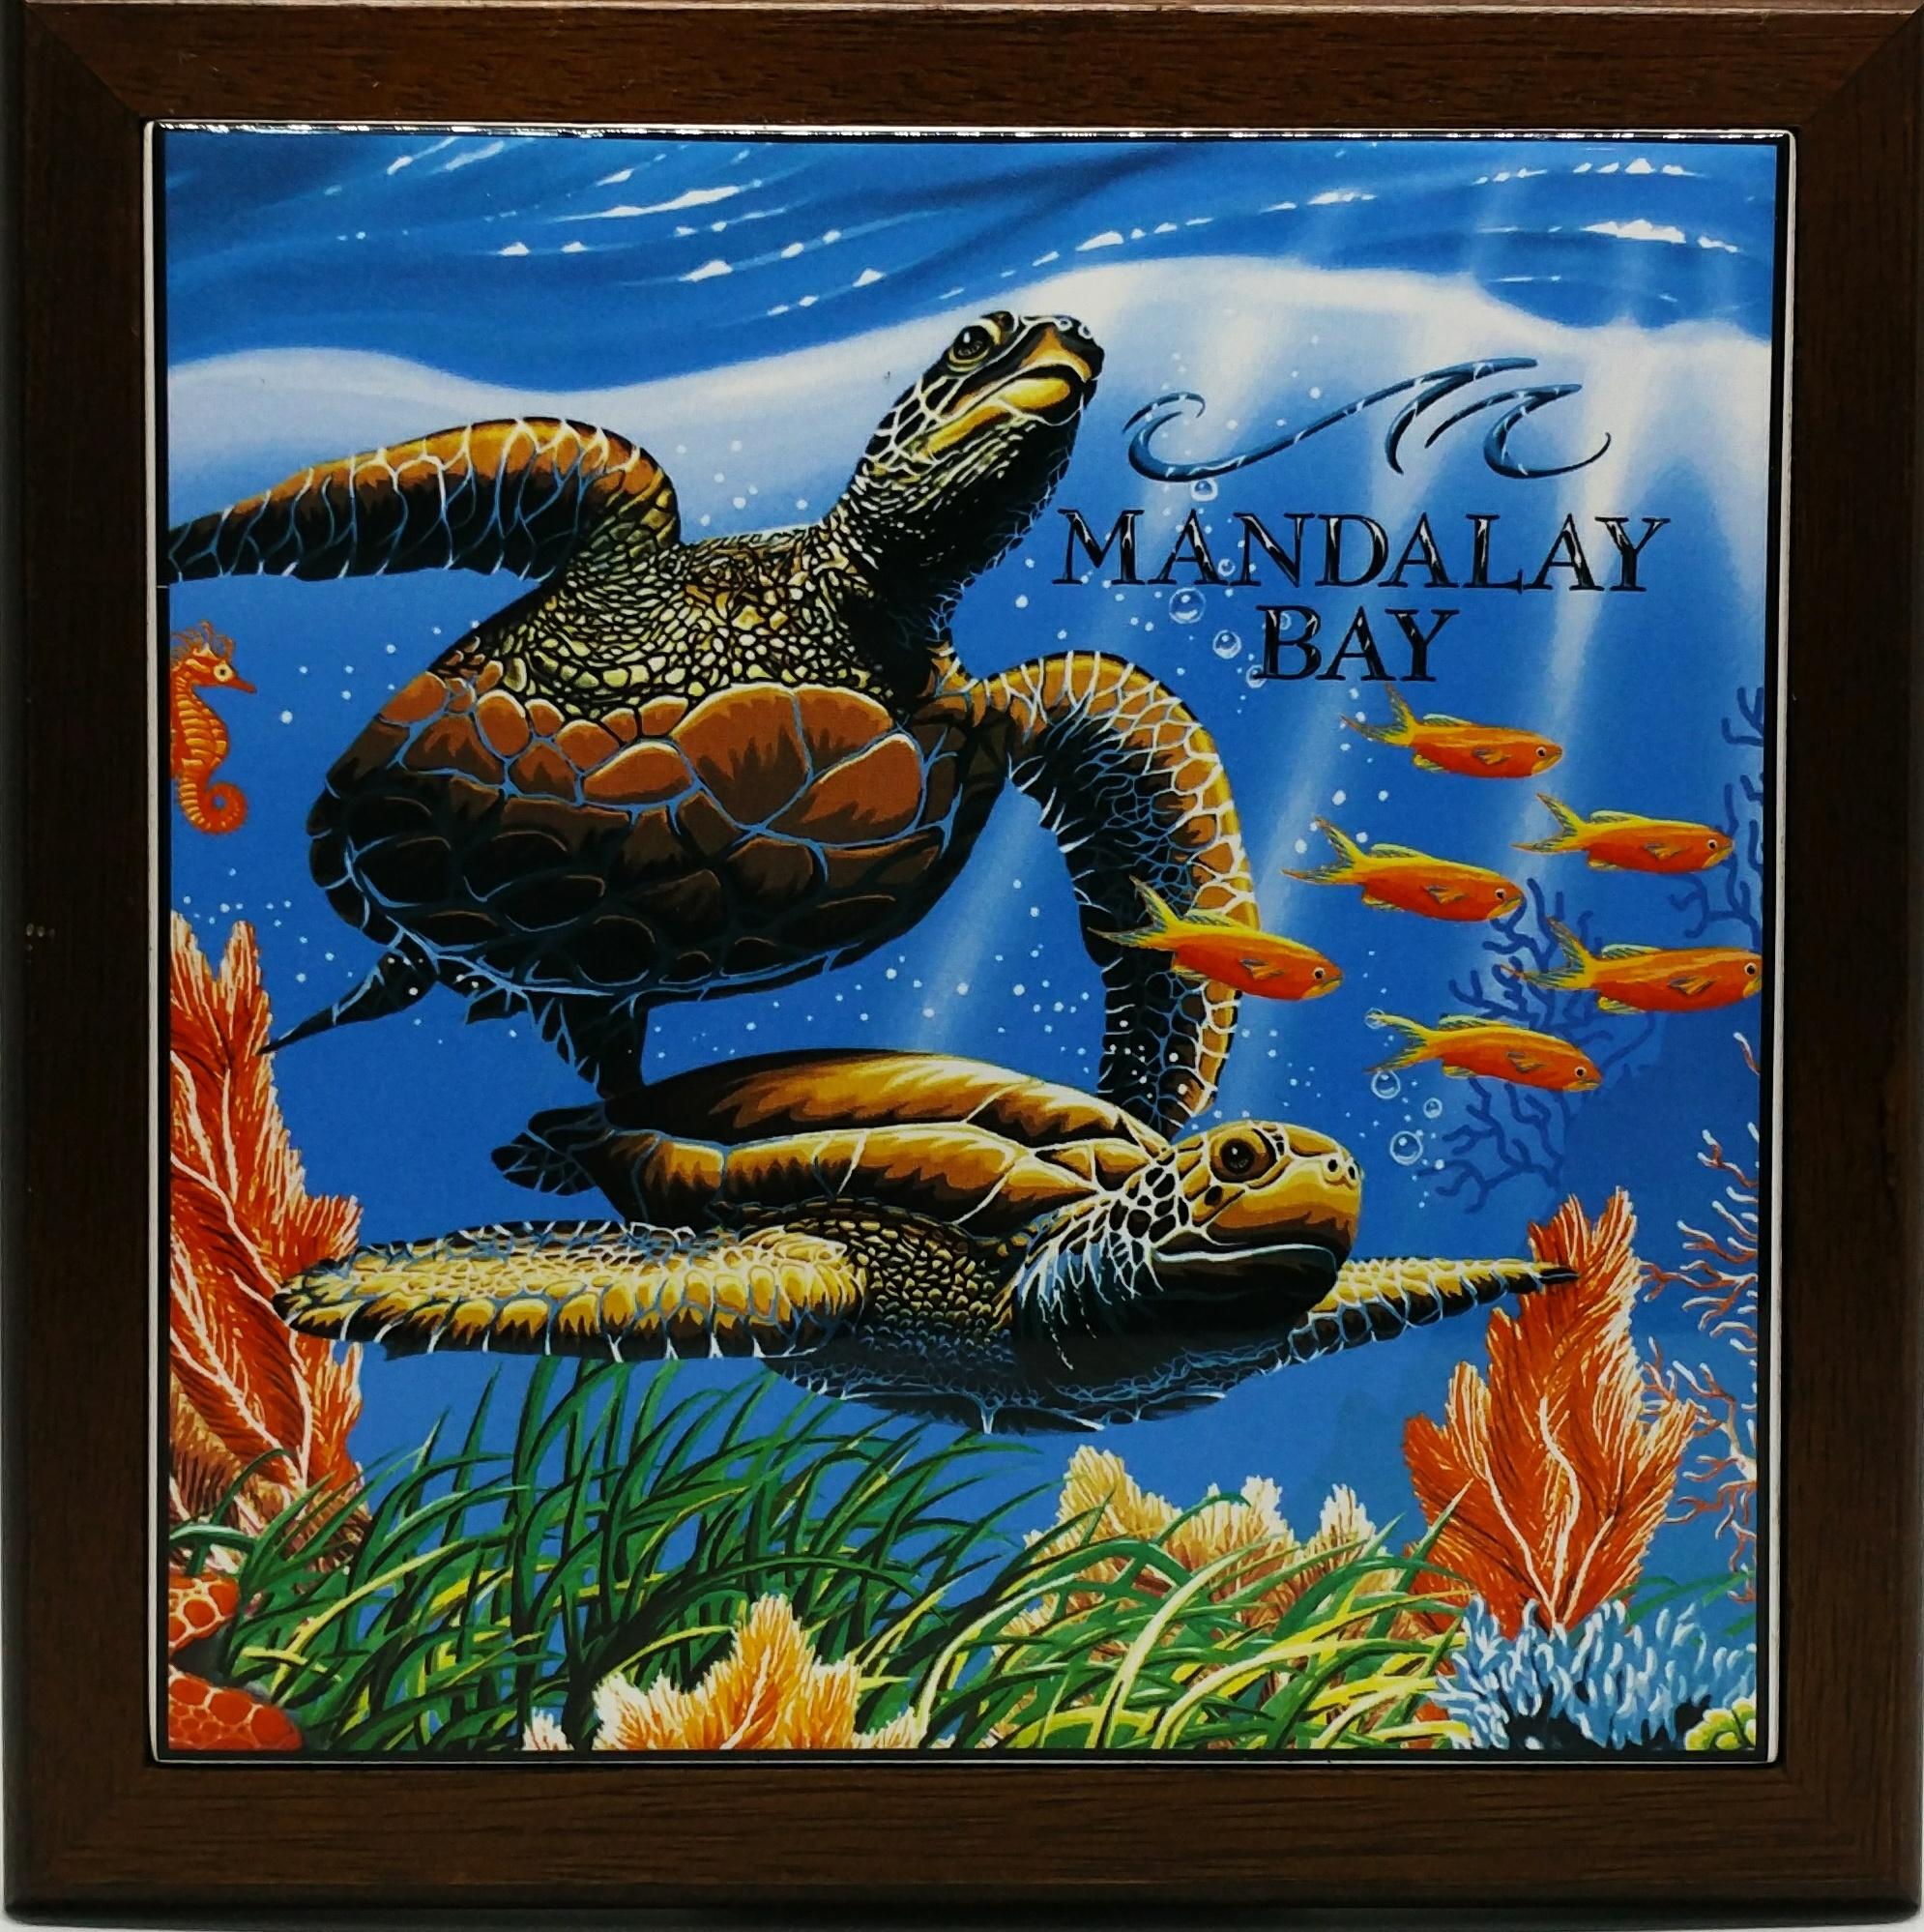 海龜磁磚 (Mandalay Bay)